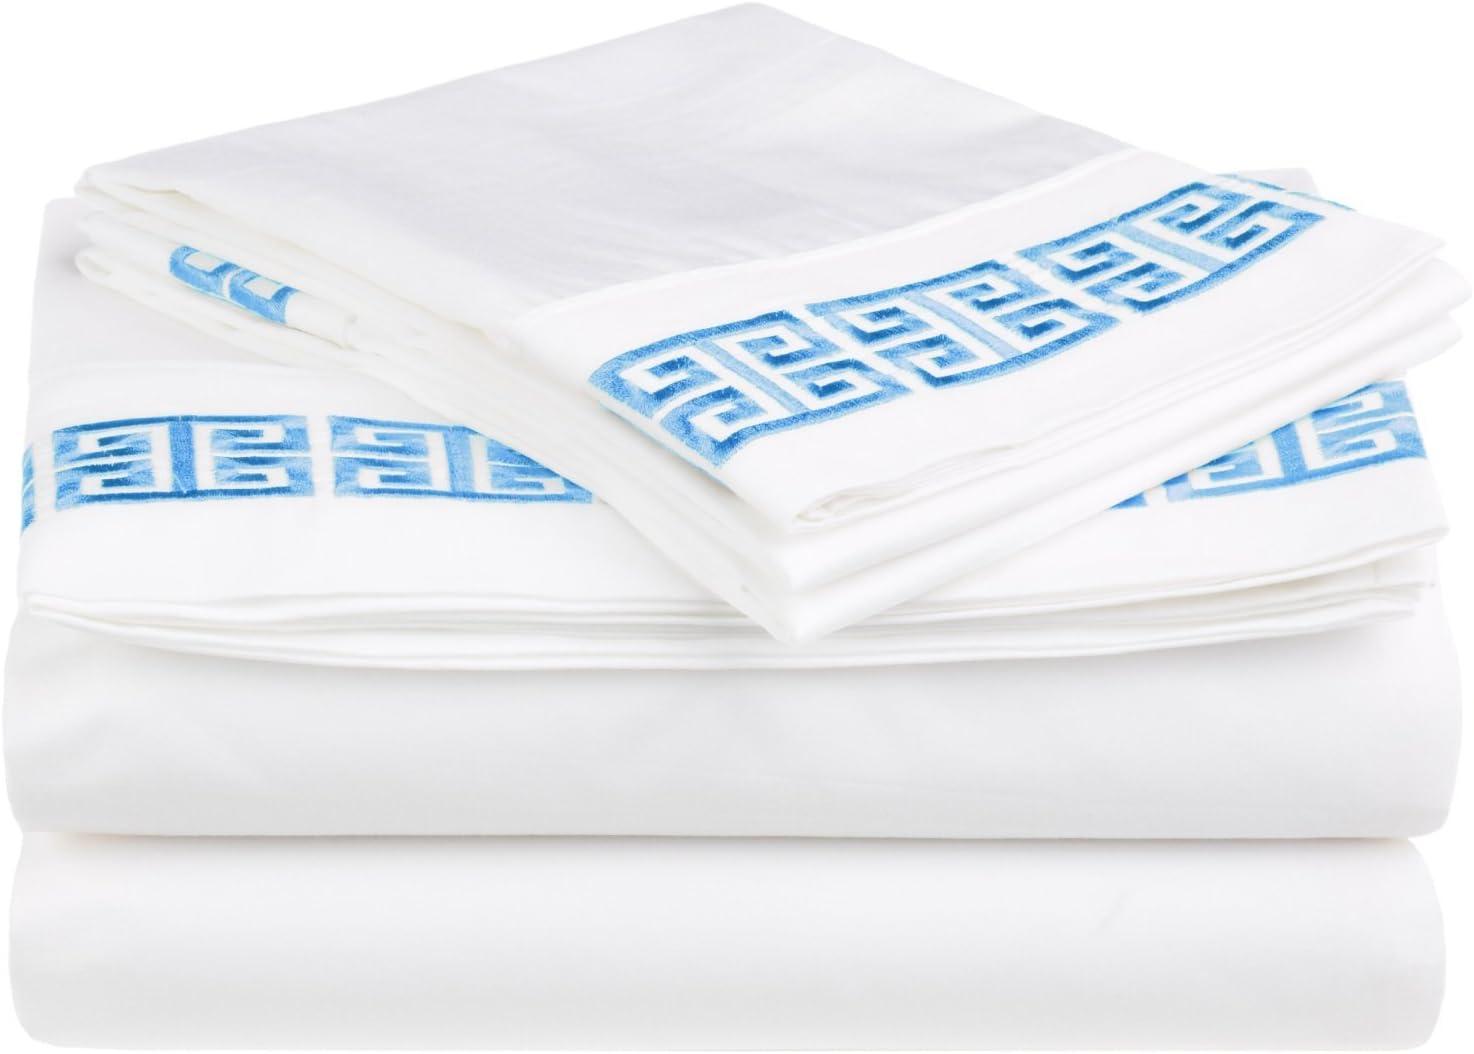 Impressions Superior - Juego de sábanas Kendell 96 x 203 cm, 100% algodón, con Bordado Greco, Color Blanco/Azul Claro, 3 Piezas